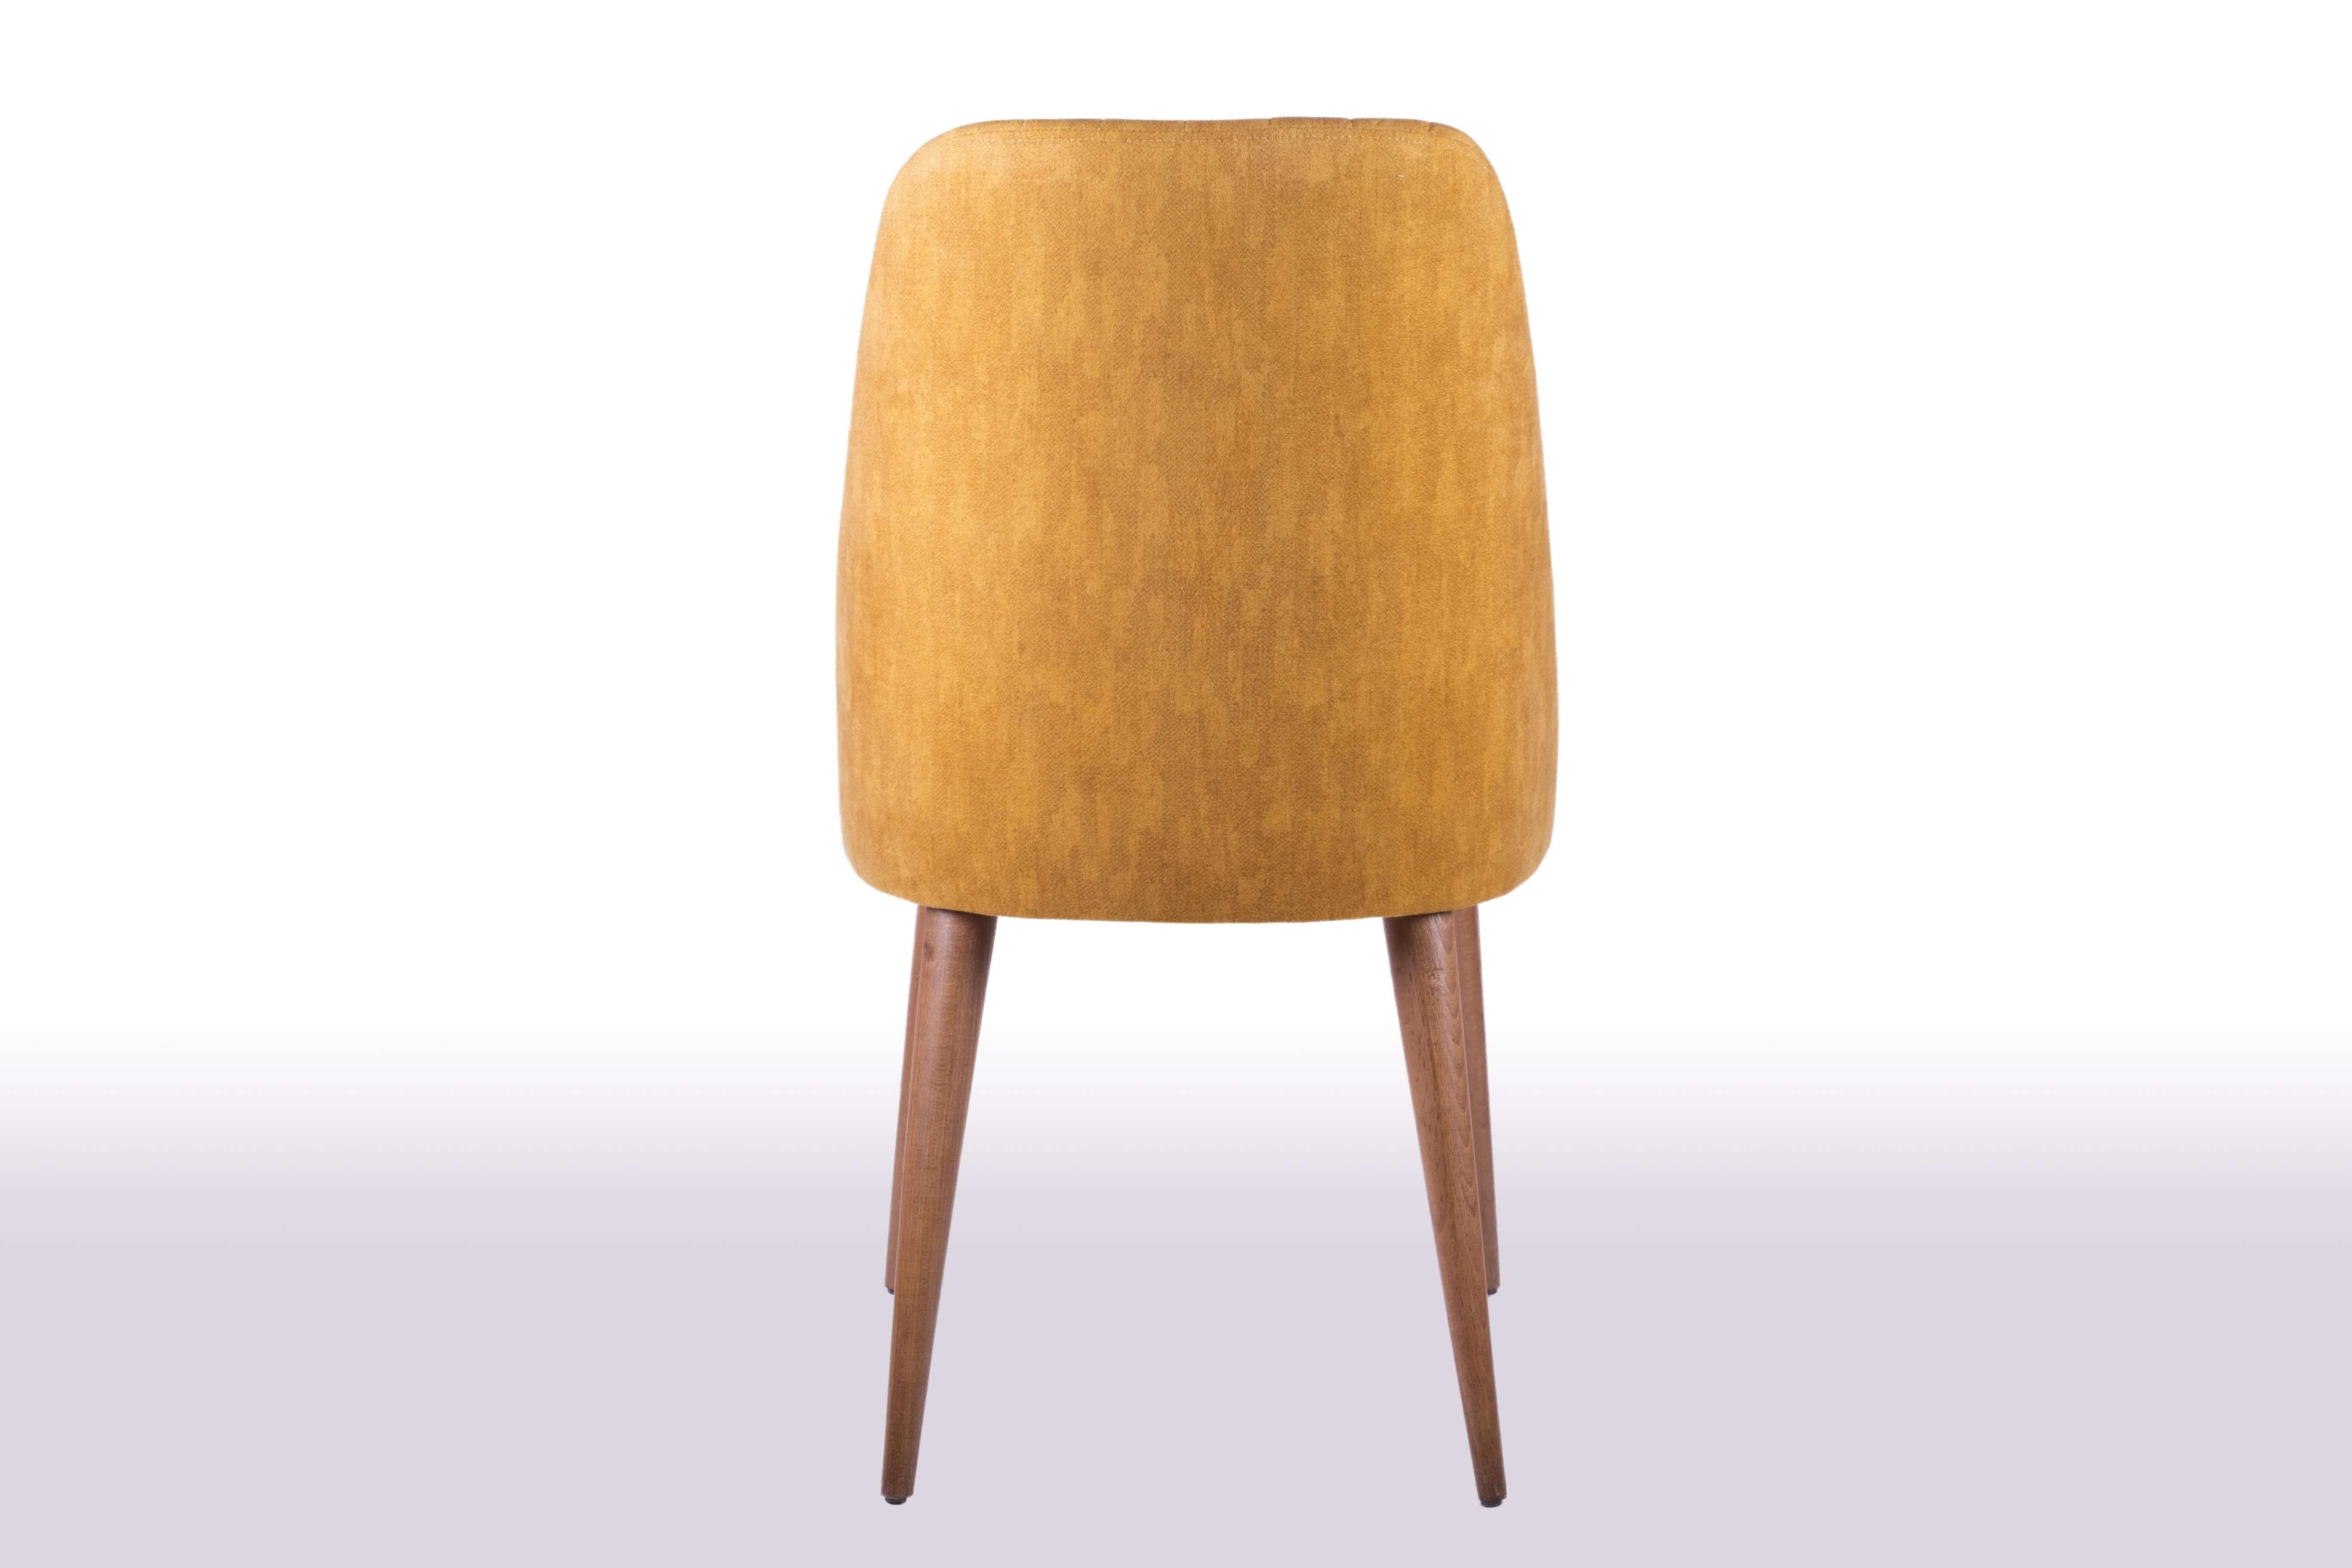 Luna Sandalye Modeli Arka Görünüm